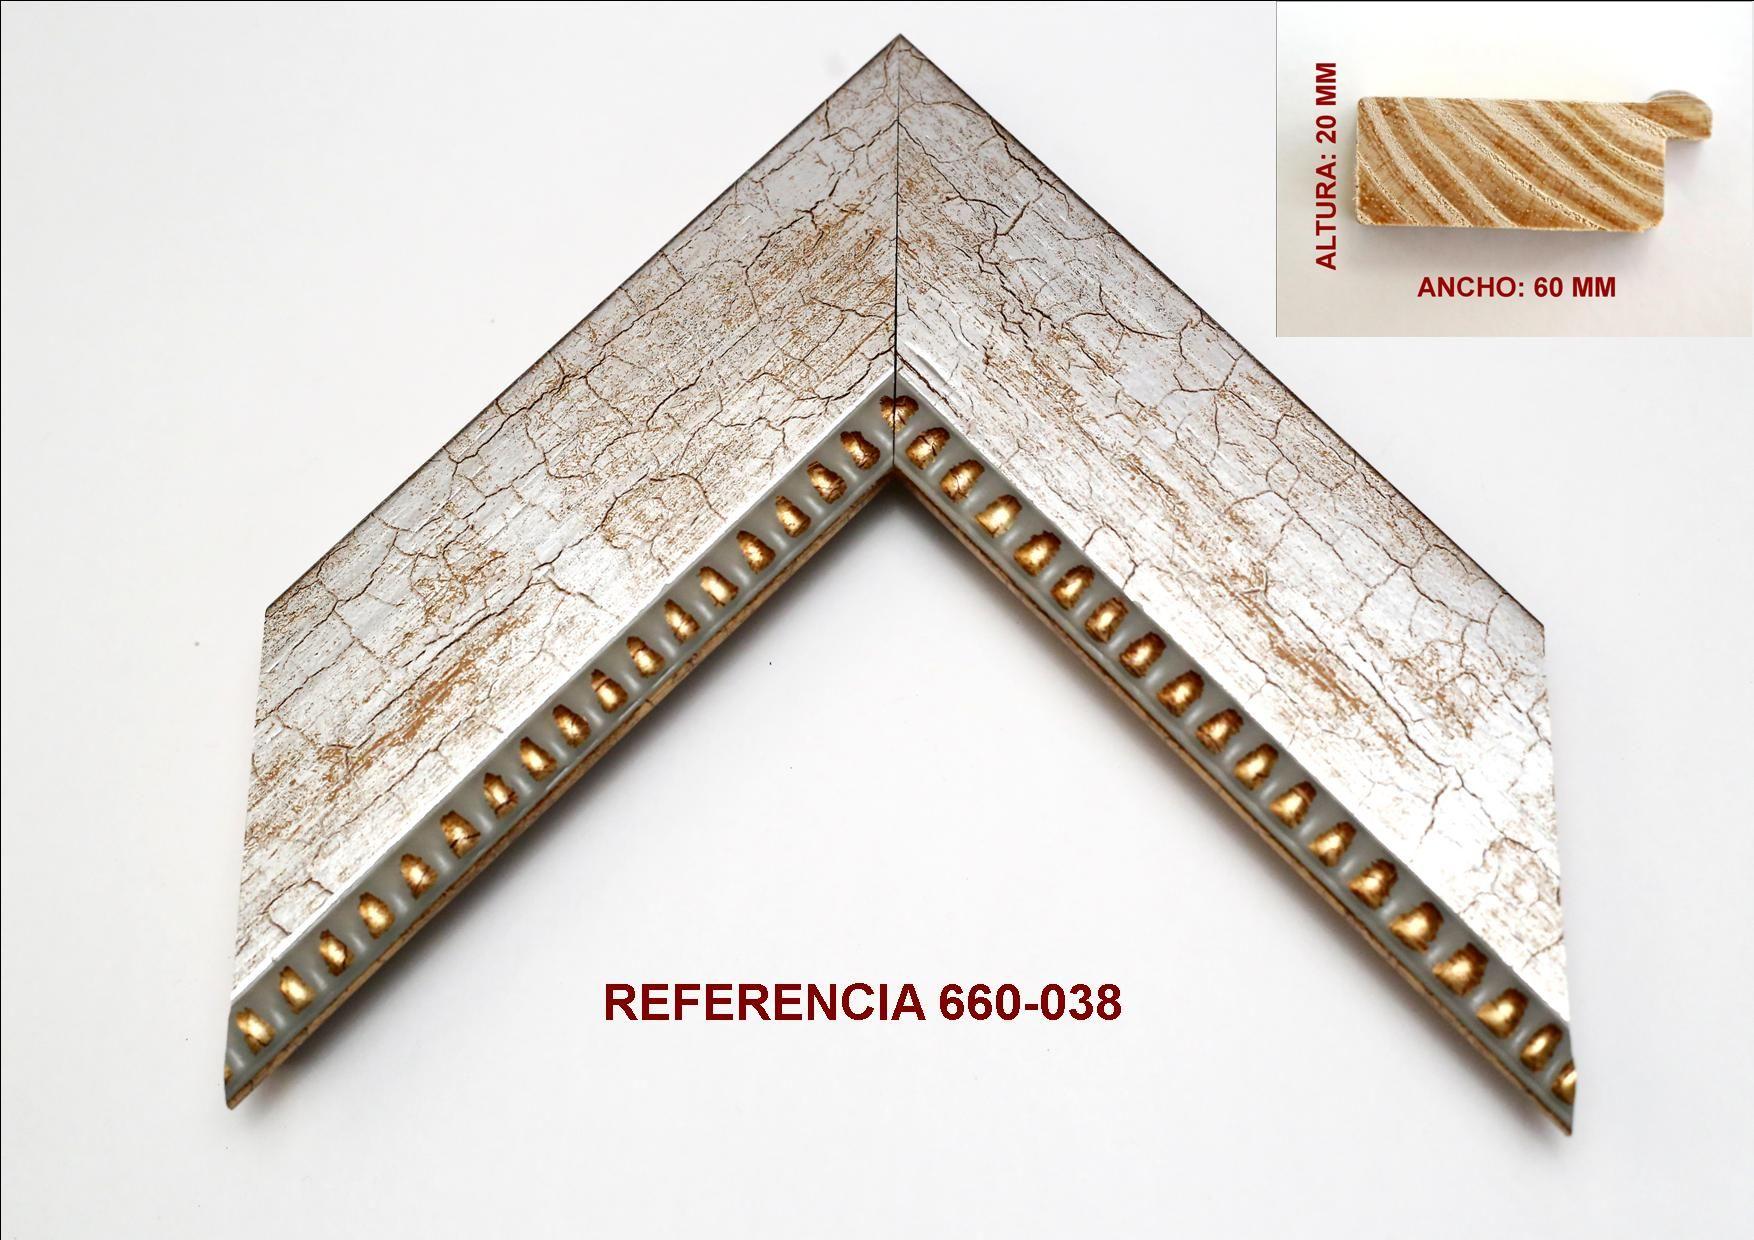 Referencia 660-038: Muestrario de Moldusevilla